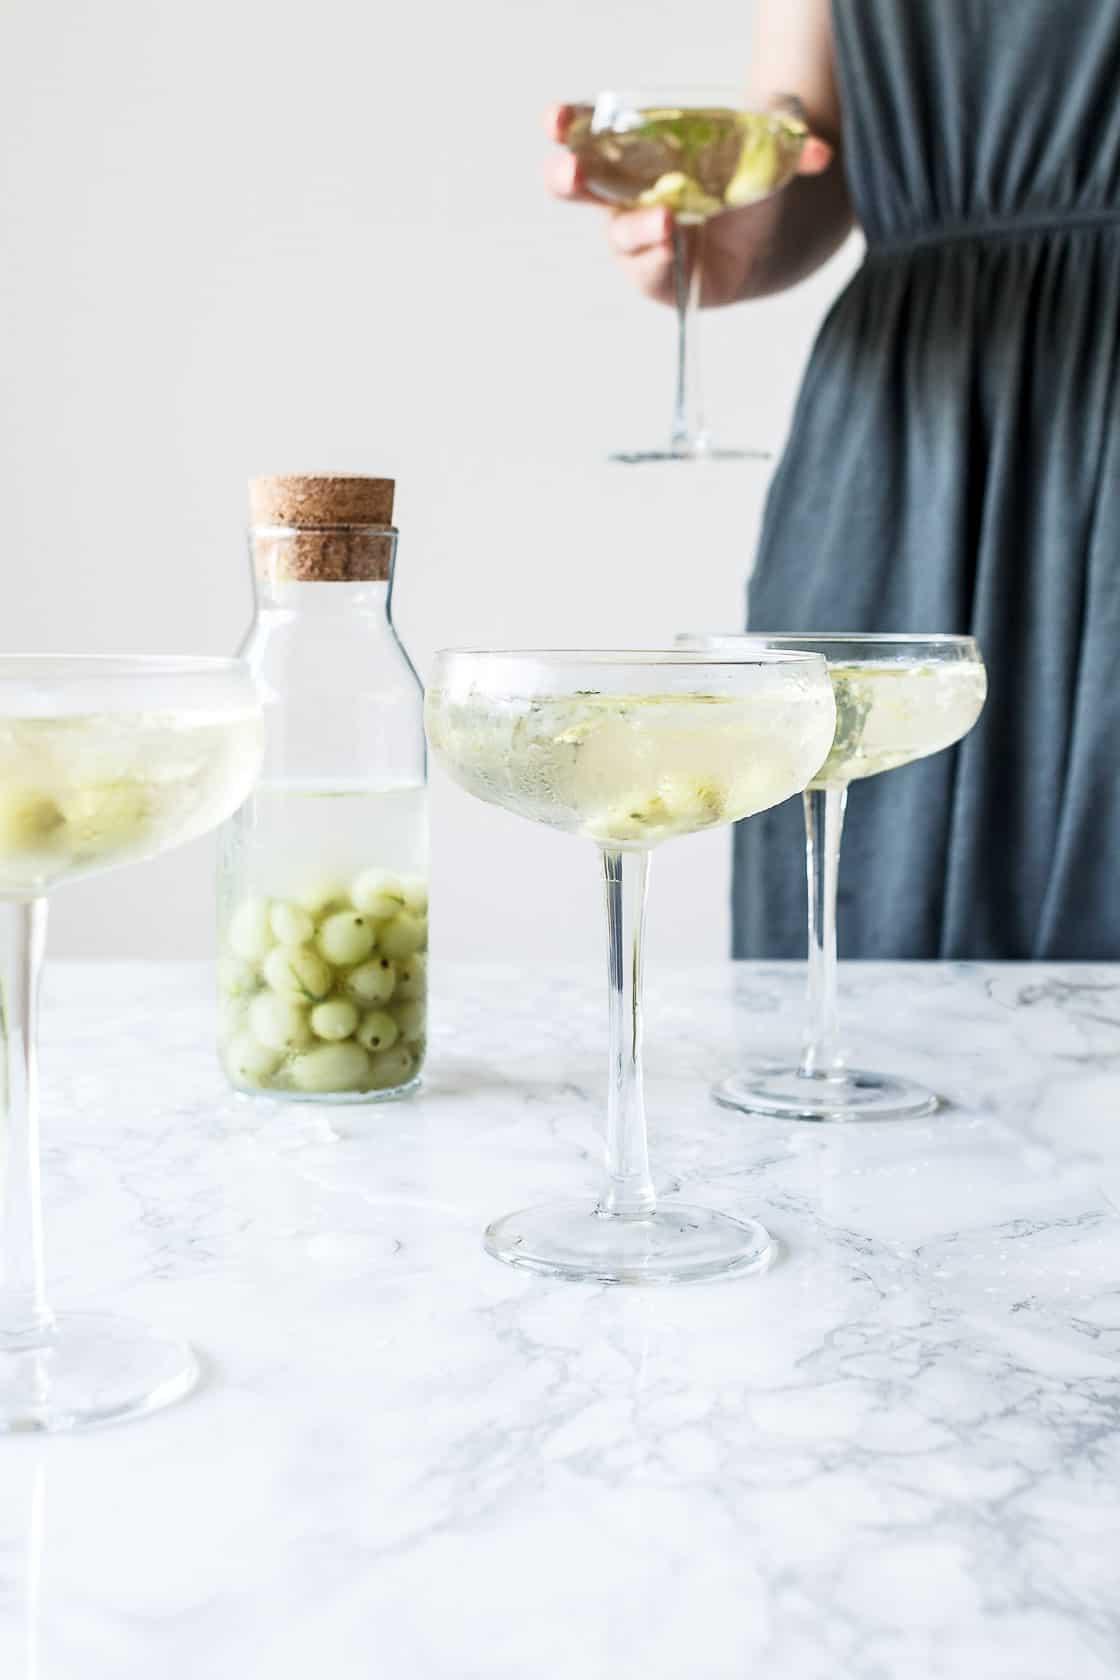 Hjemmelavet snaps med stikkelsbær, rabarber eller mojito + champagnedrinks